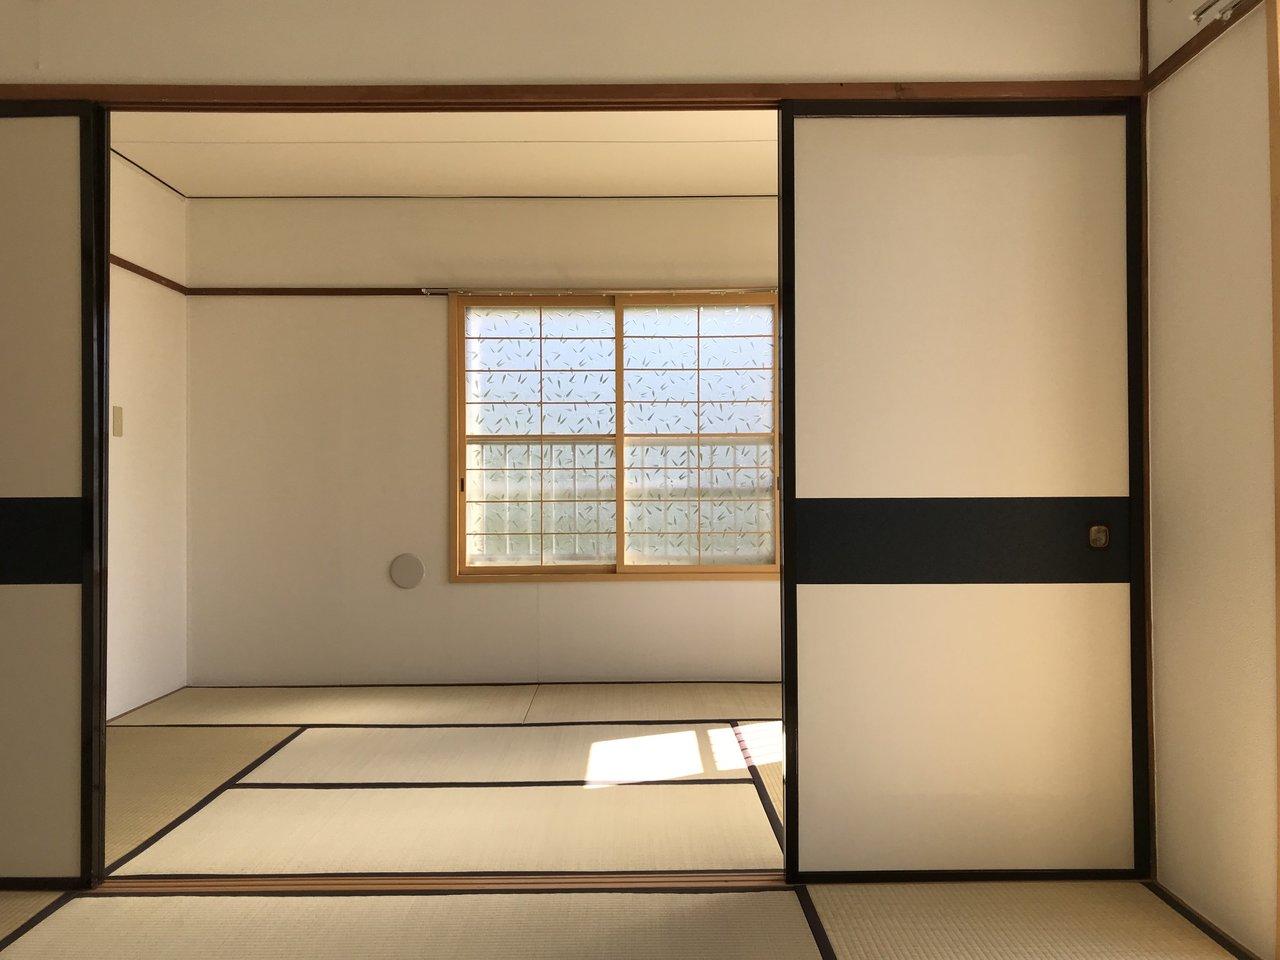 お部屋は、和室が3部屋の3DK。畳って、足元があったかいんですね。少しレトロな雰囲気を味わいつつ、和モダンなインテリアを選んで、楽しく暮らしてほしいお部屋です。(※ガラスの模様はお部屋によって異なります)